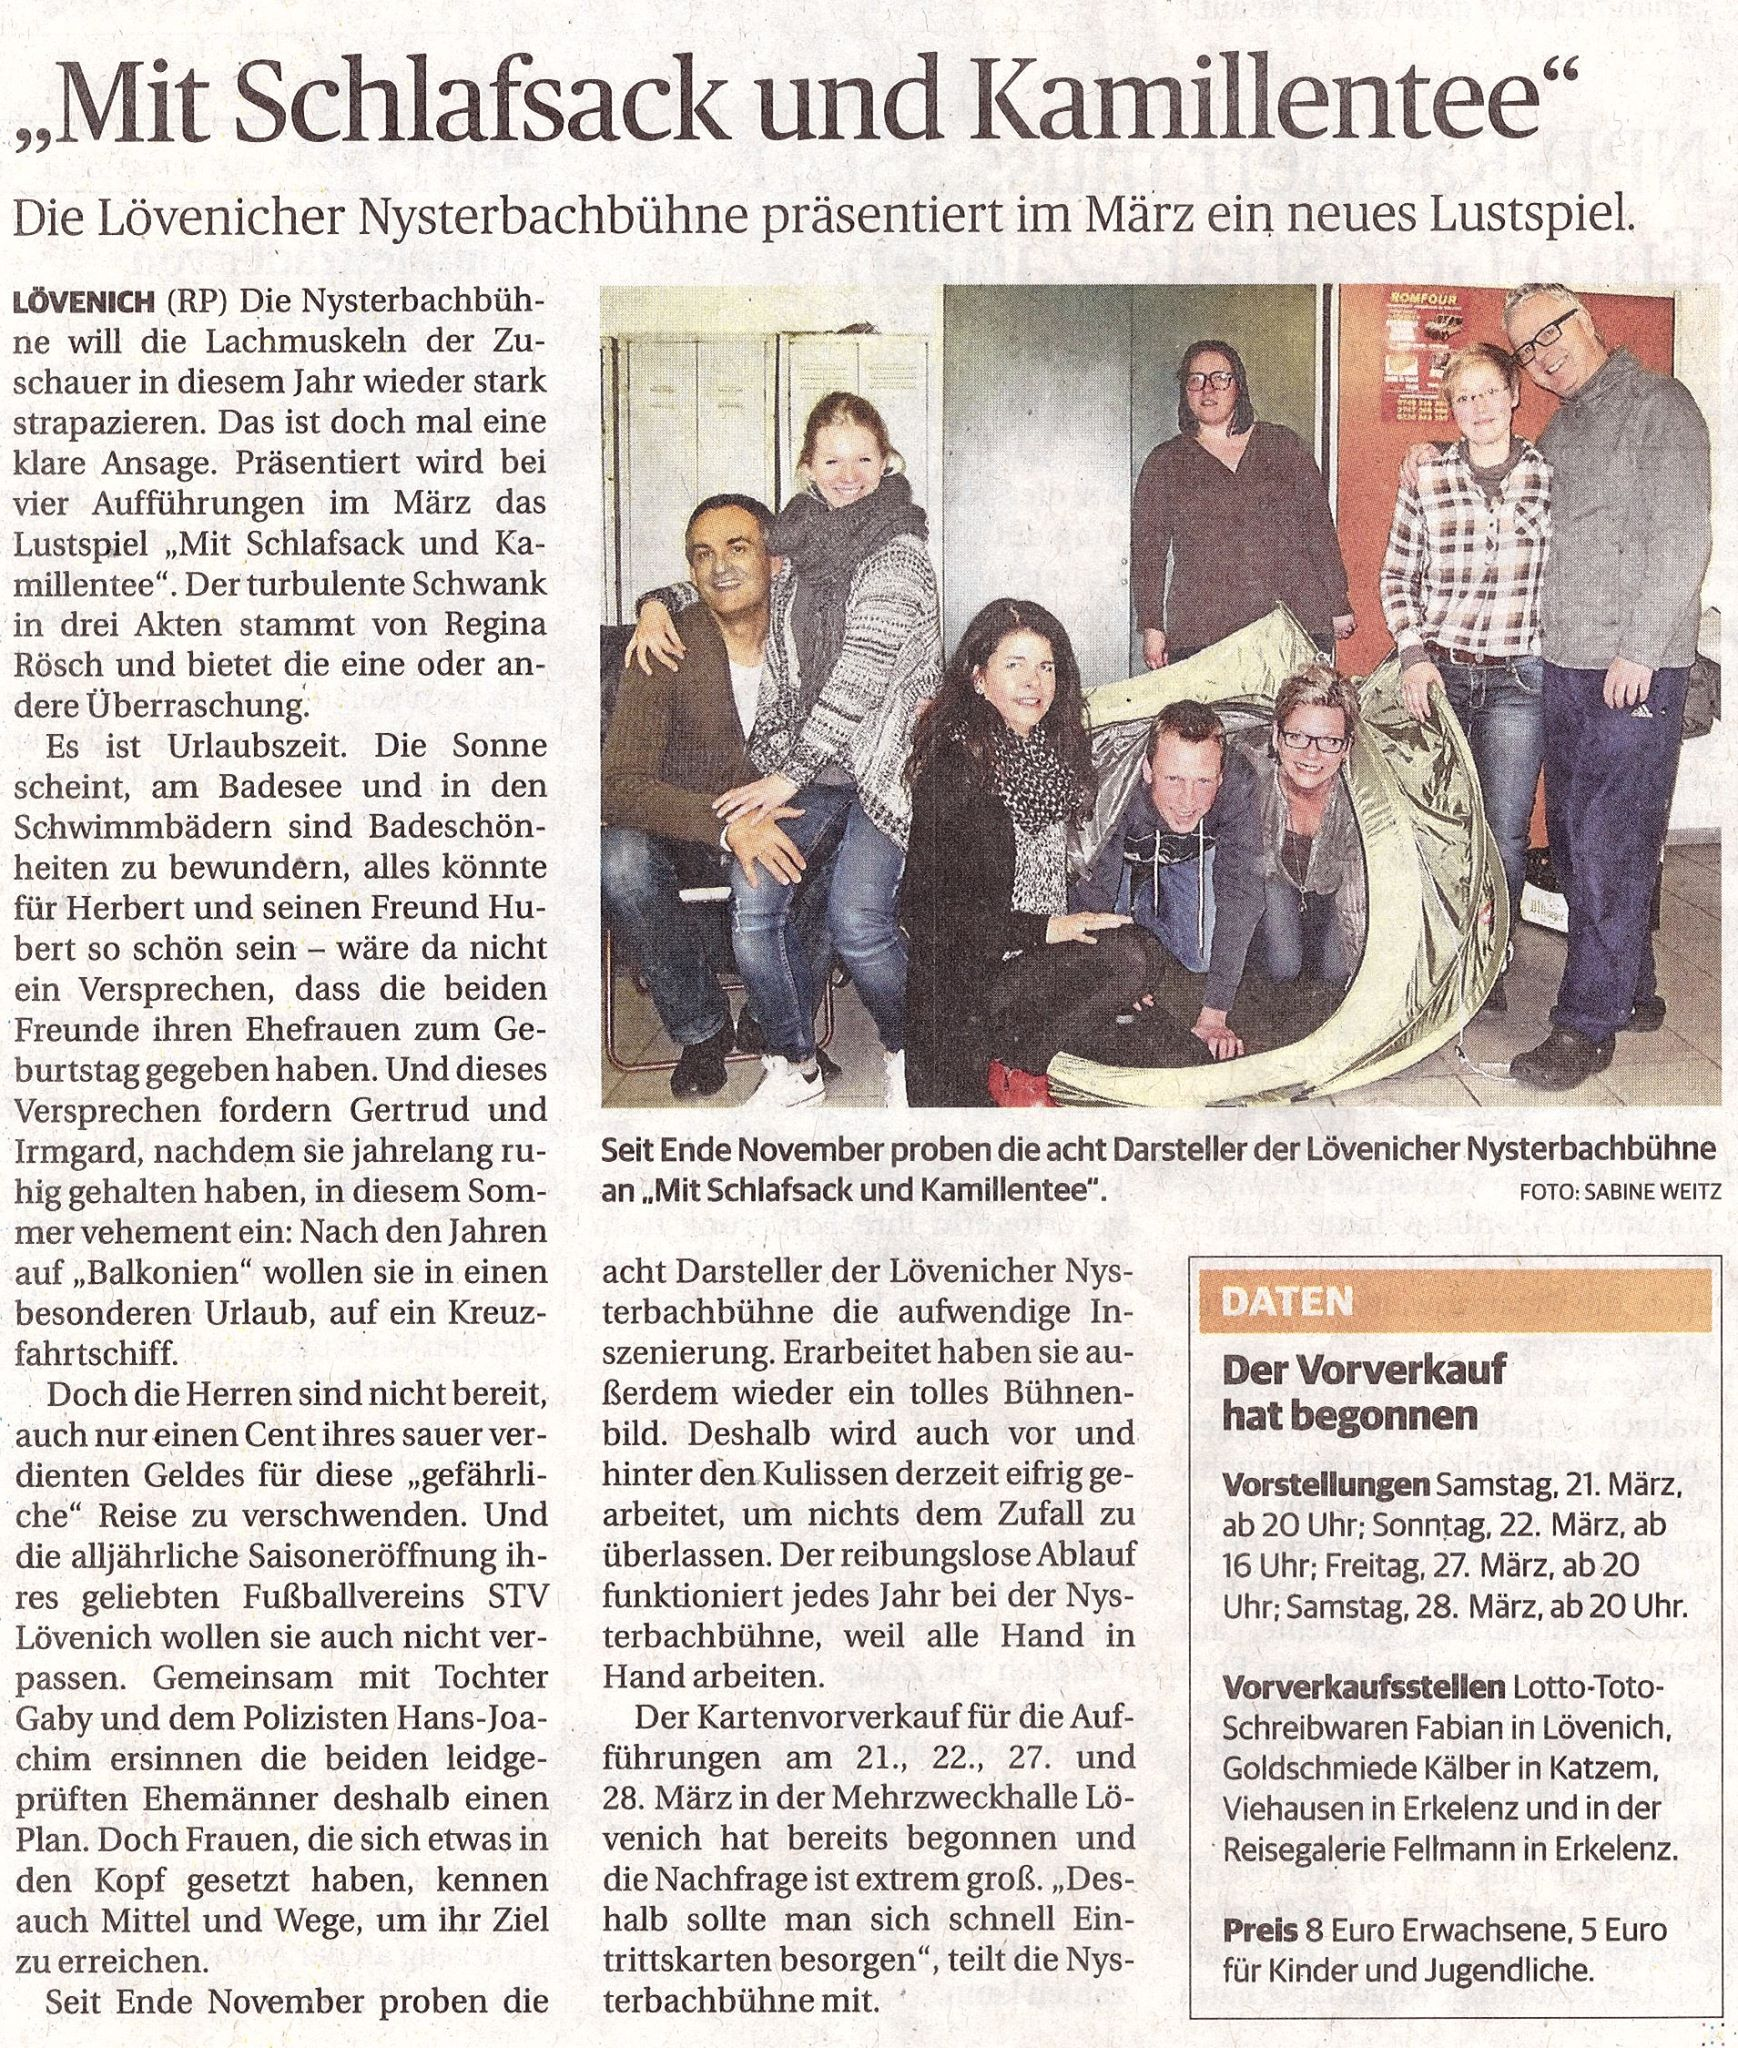 Rheinische Post vom 24.2.2015